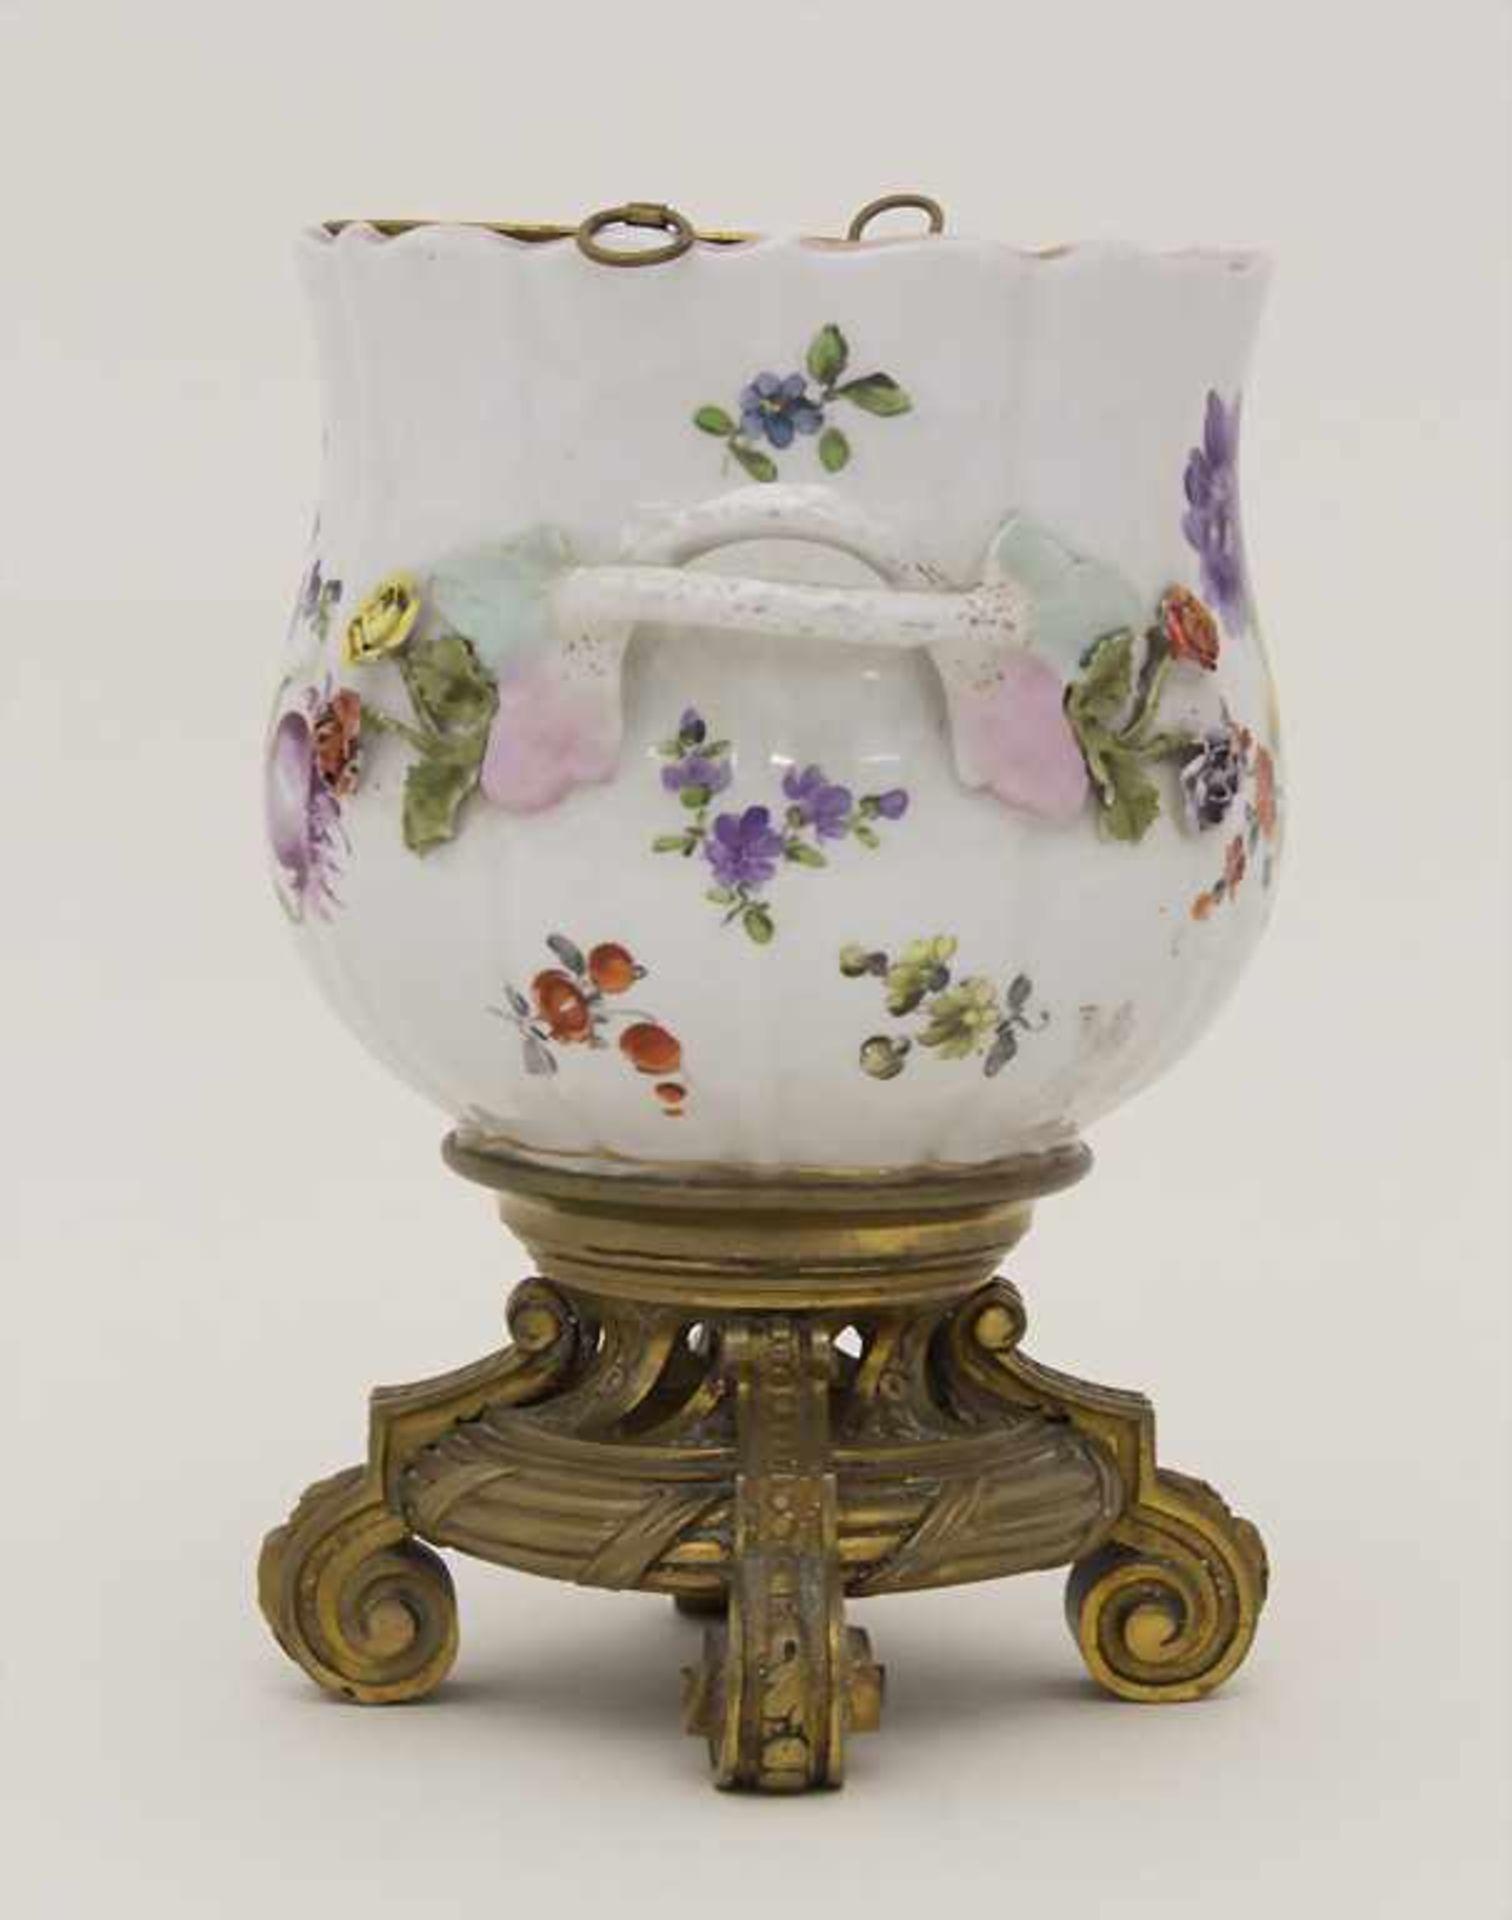 Cachepot mit Bronzemontur und Einsatz / A cachepot with bronze mount and insert, Helena Wolfsohn, - Bild 4 aus 8